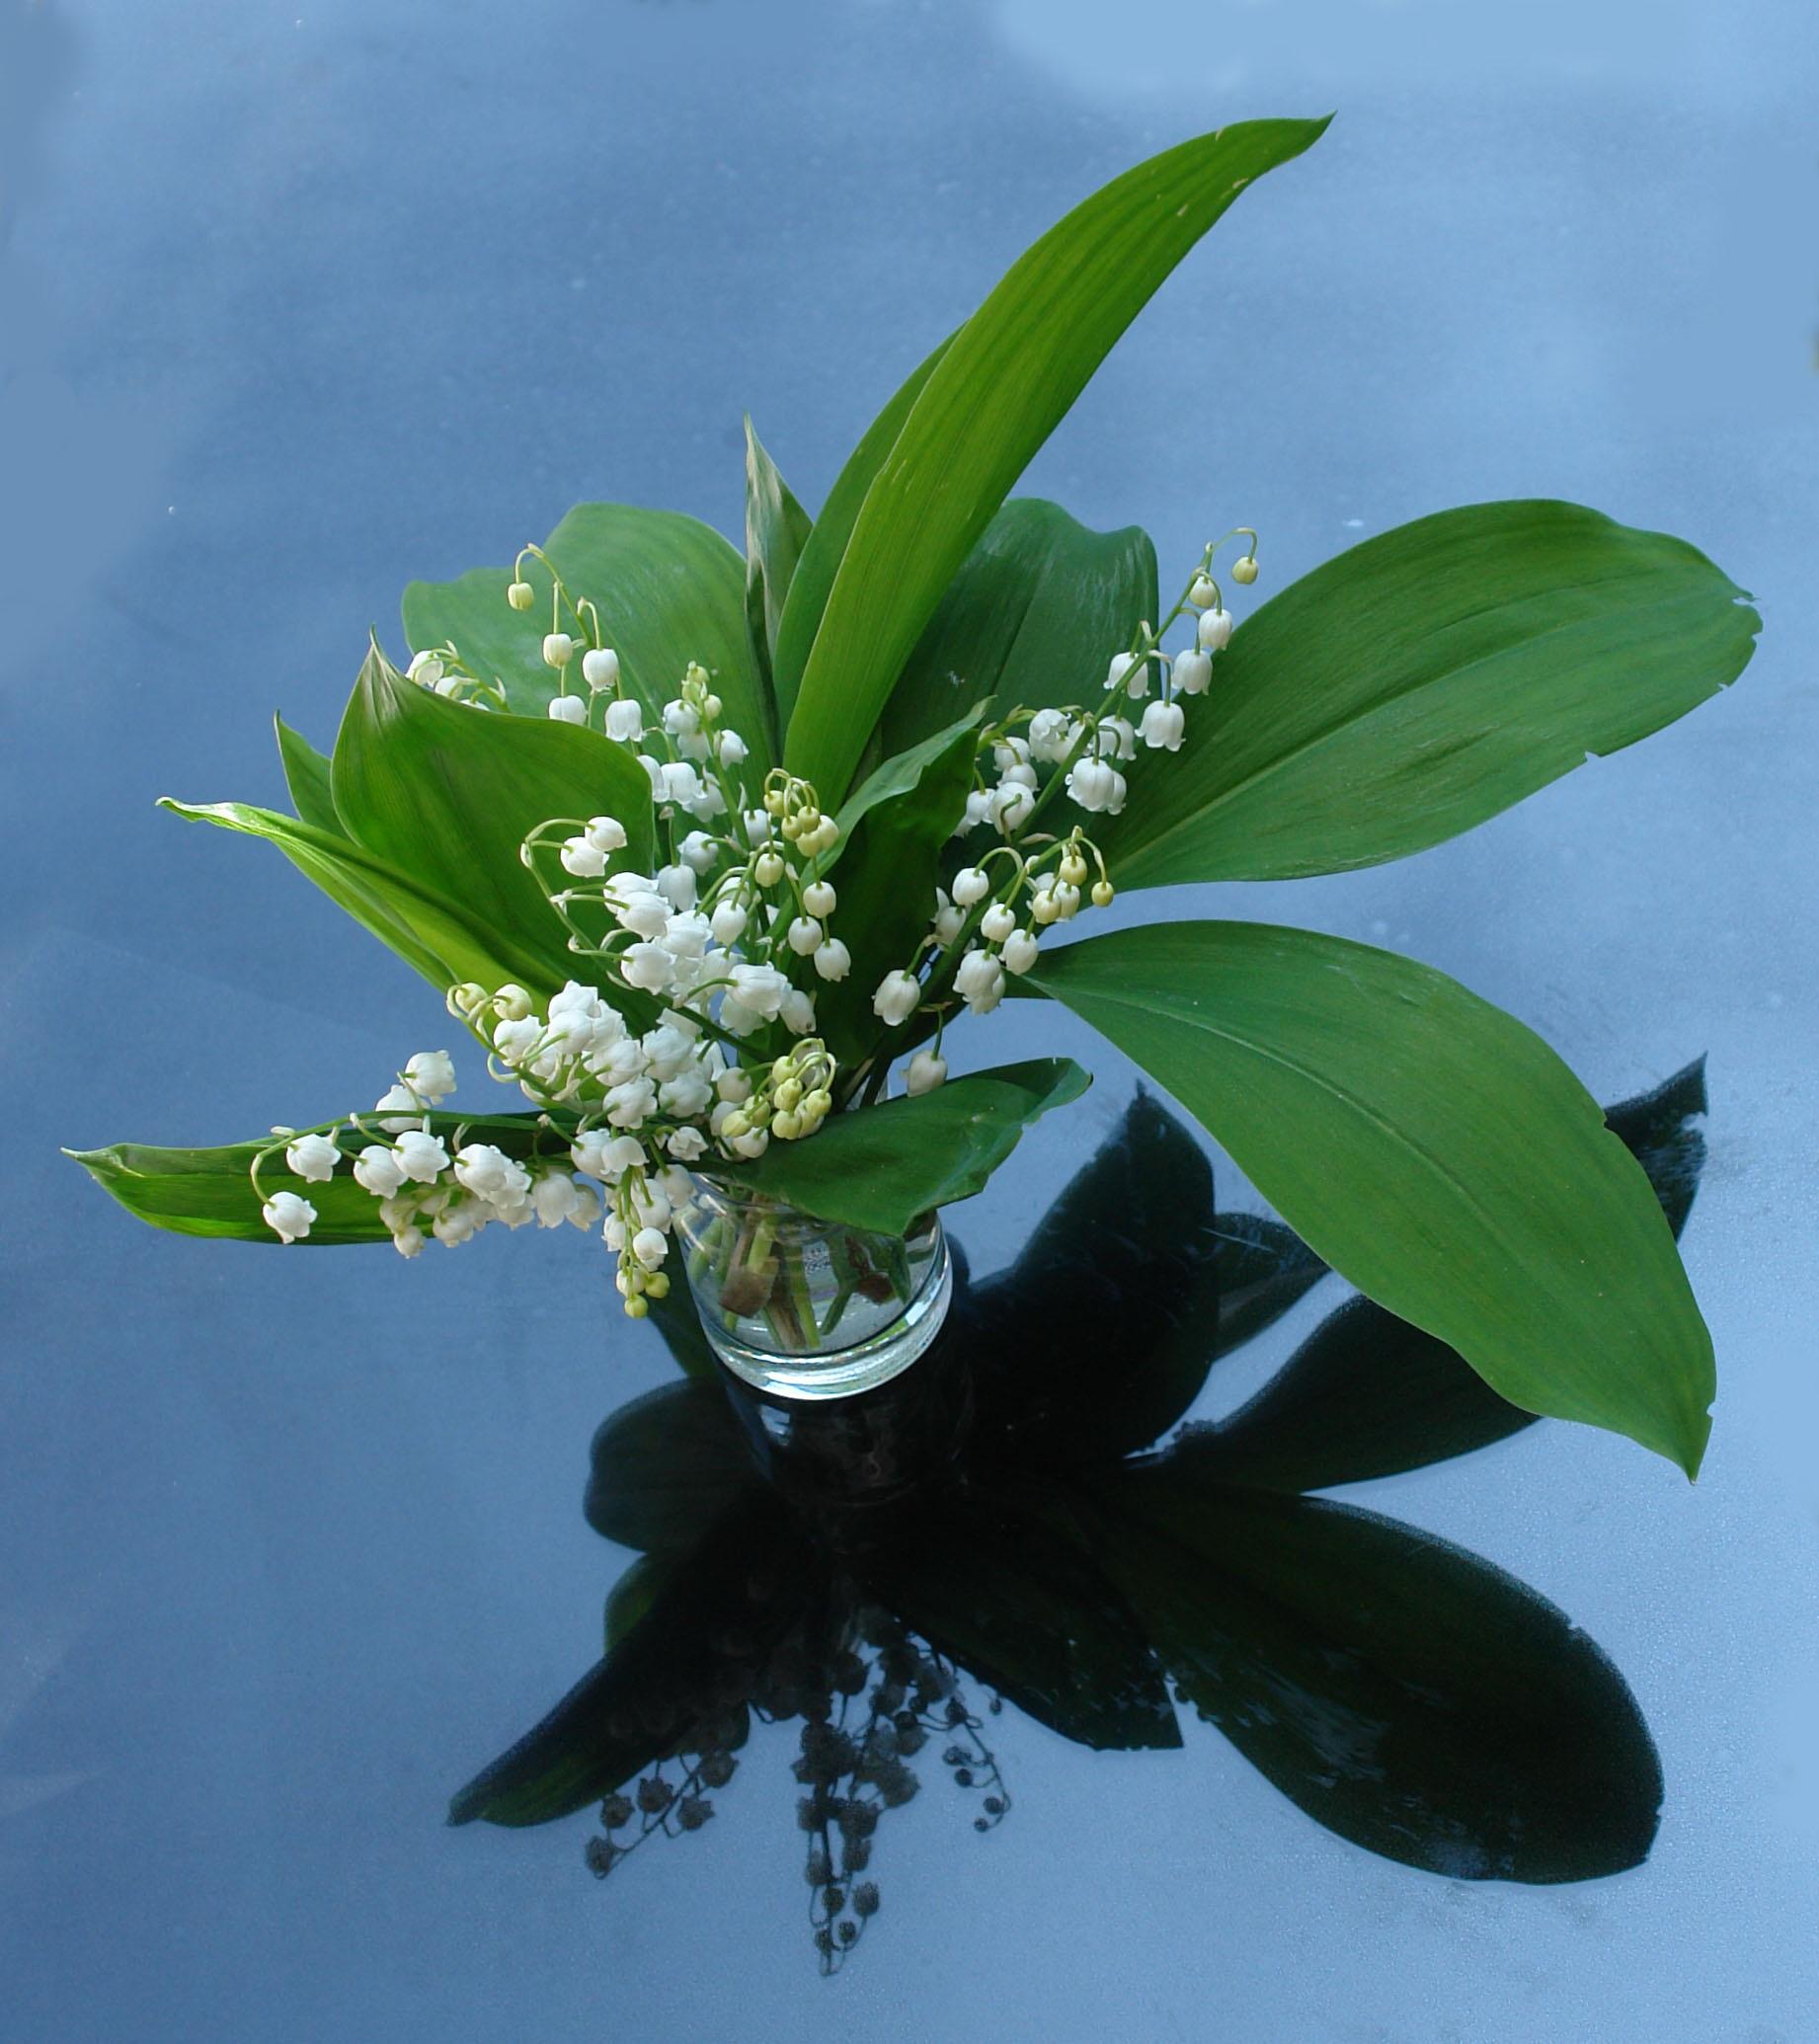 Images Gratuites Muguet Plante Jardin 1842x2070 1371807 Banque D Image Gratuite Pxhere